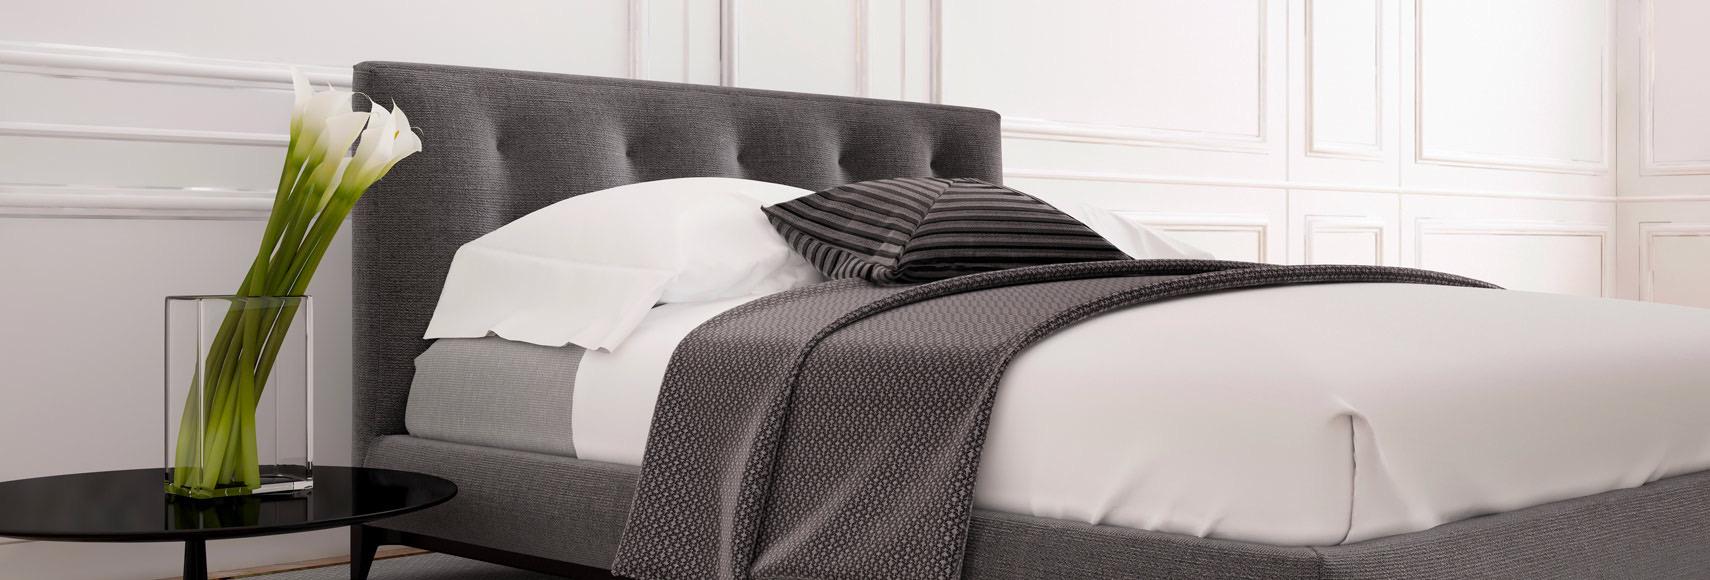 Acheter un lit rembourré en ligne